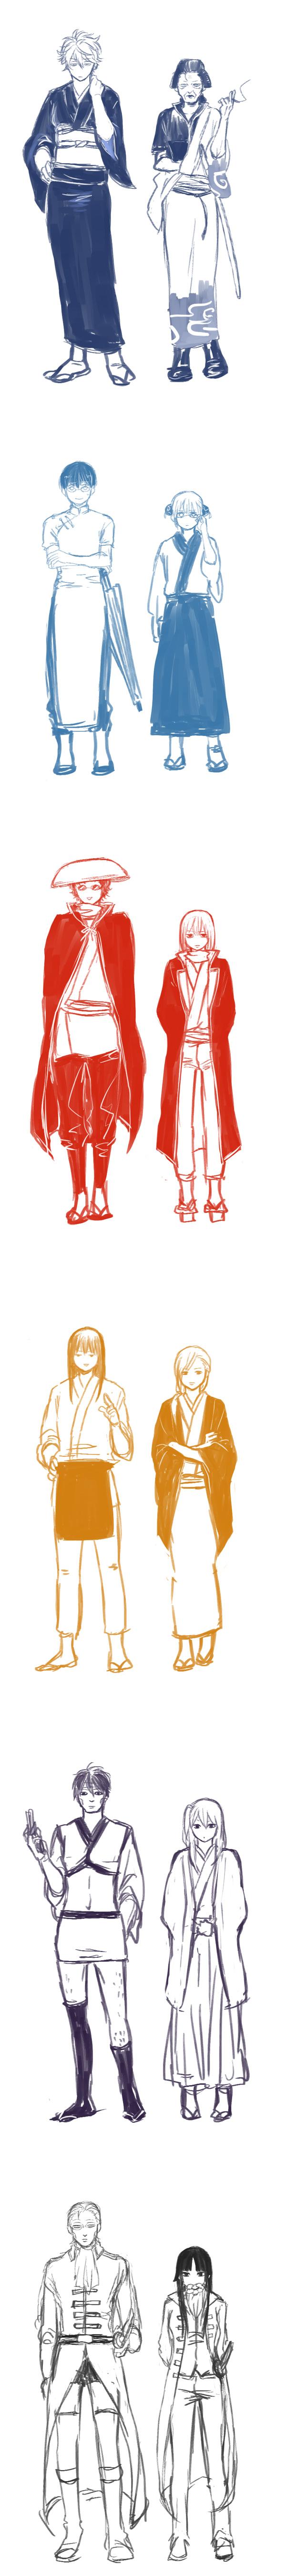 Tags: Anime, Jim, Gintama, Sakamoto Tatsuma, Kijima Matako, Imai Nobume, Shimura Shinpachi, Sasaki Isaburo, Otose (Gin Tama), Katsura Kotaro, Mutsu (Gin Tama), Sakata Gintoki, Kagura (Gin Tama), Silver Soul